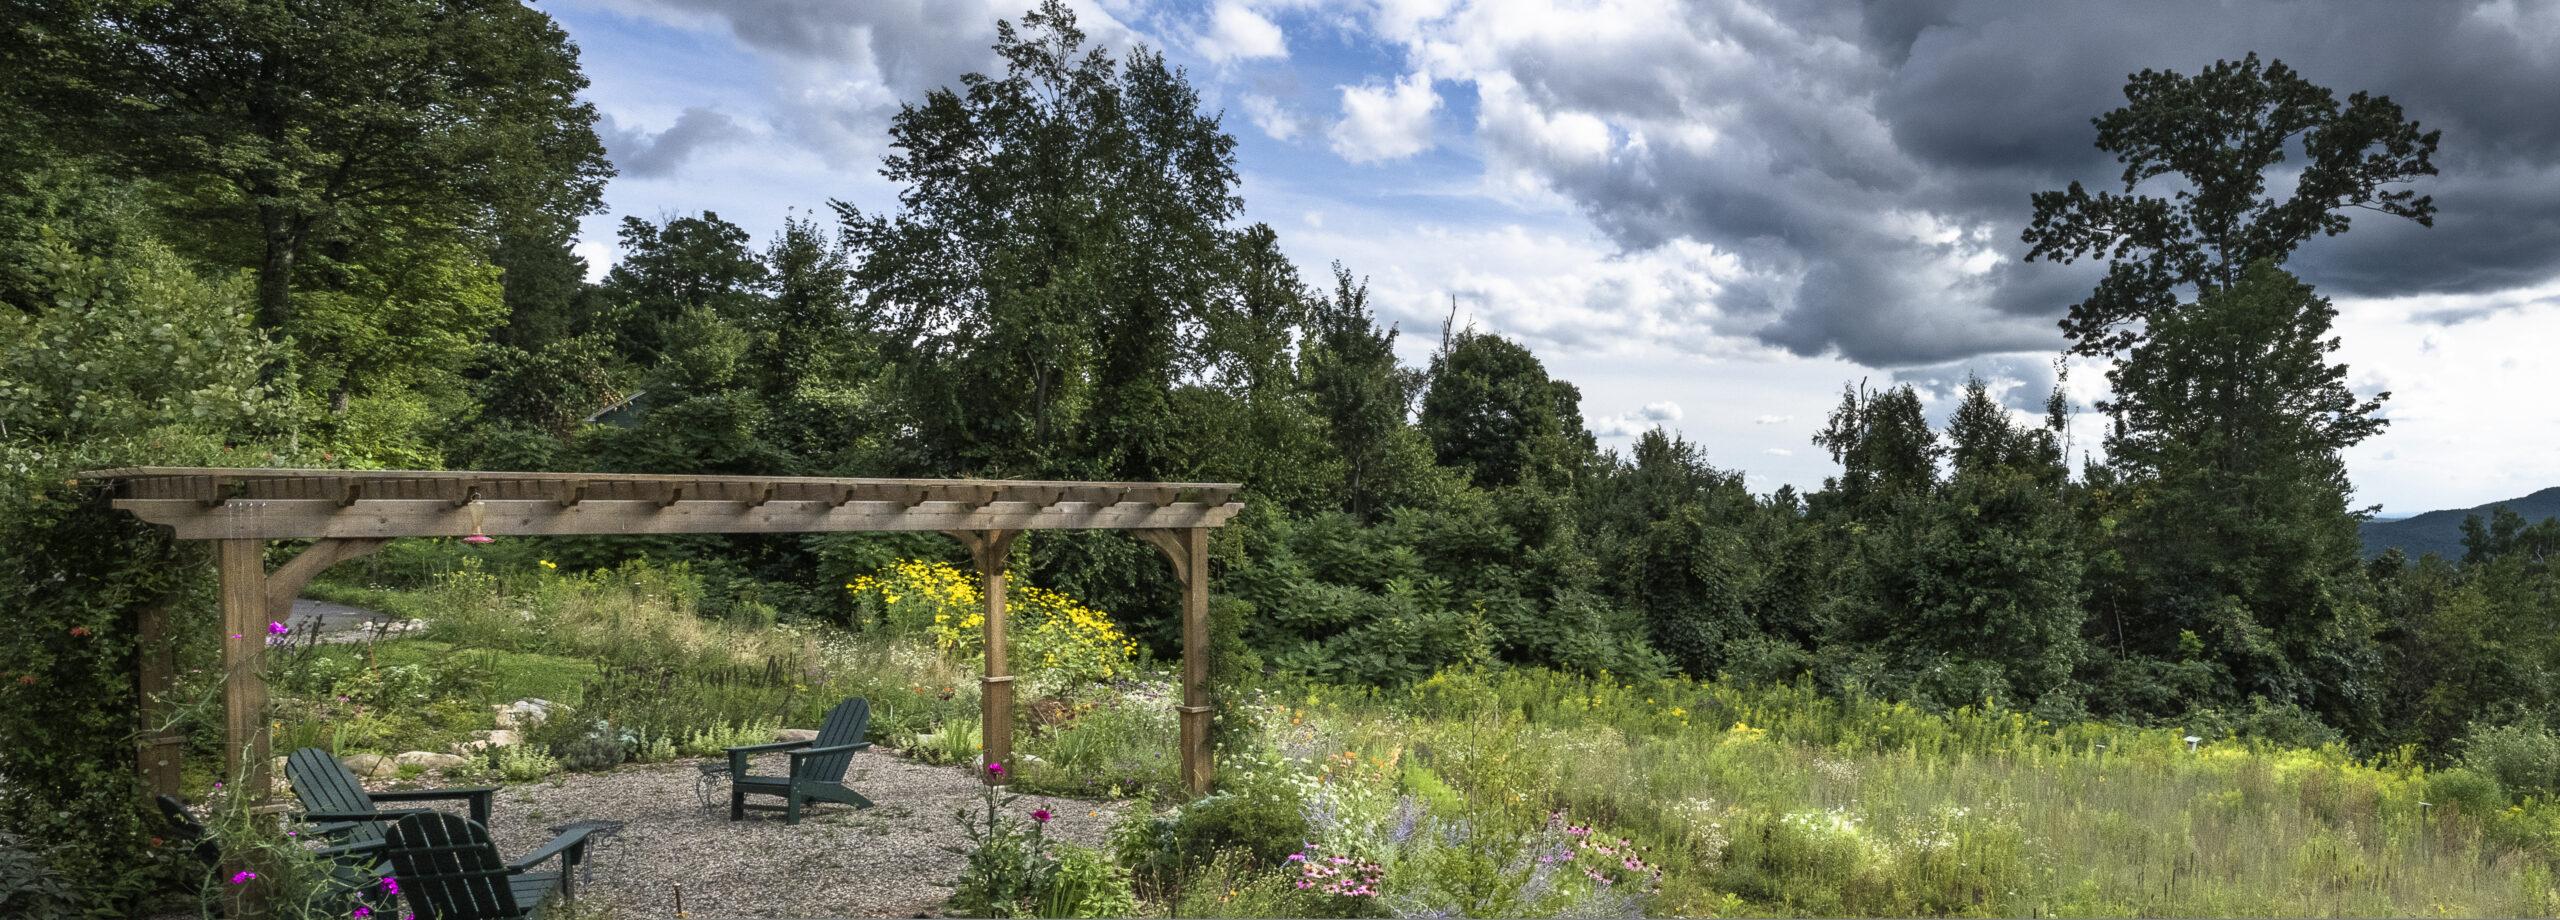 garden pergola overlooking meadow